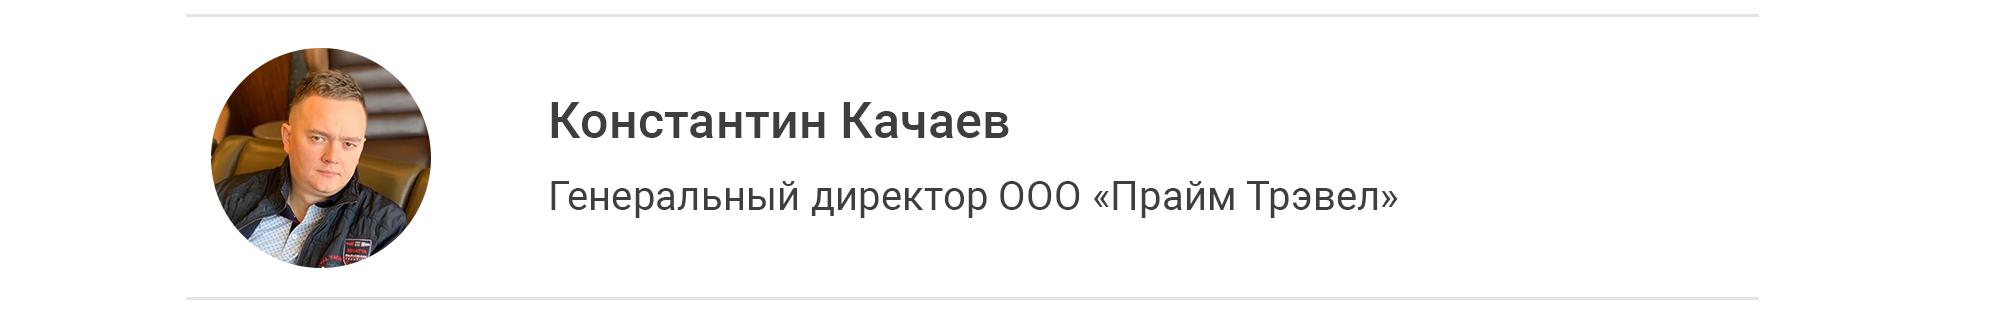 Константин Качаев.png